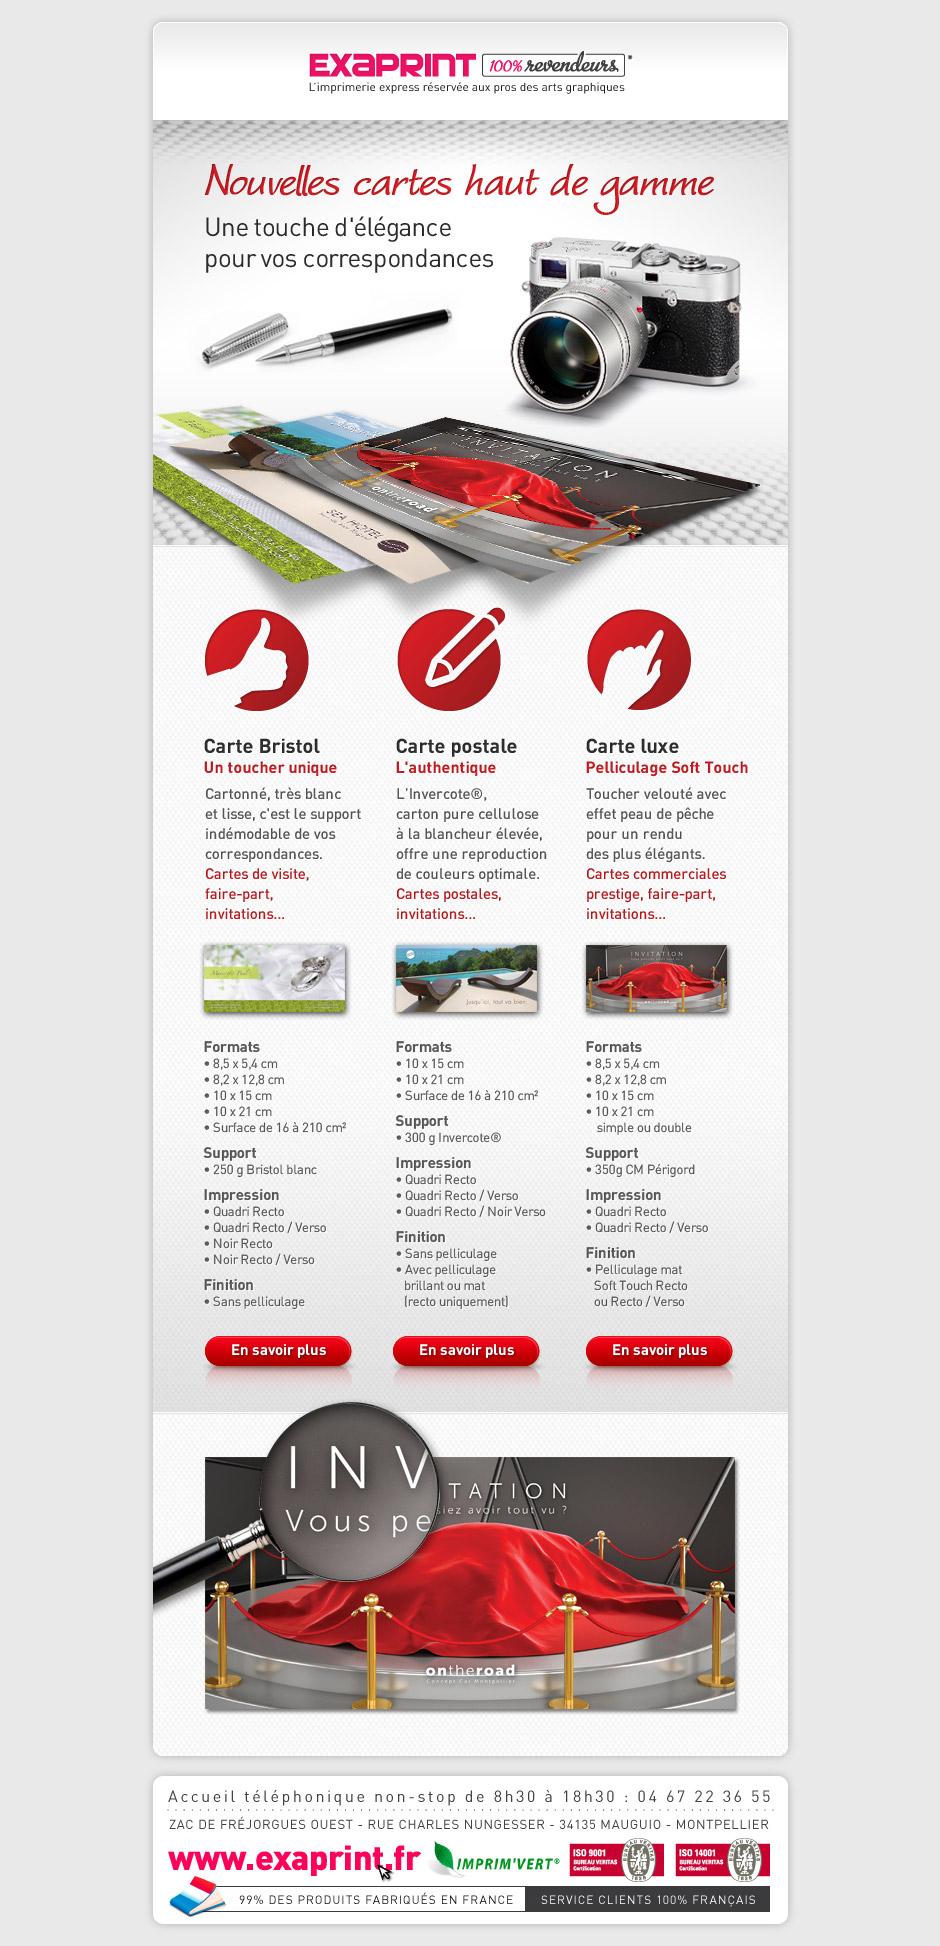 graphiste-montpellier-creation-exaprint-cartes-haut-de-gamme-agence-communication-montpellier-caconcept-alexis-cretin-2